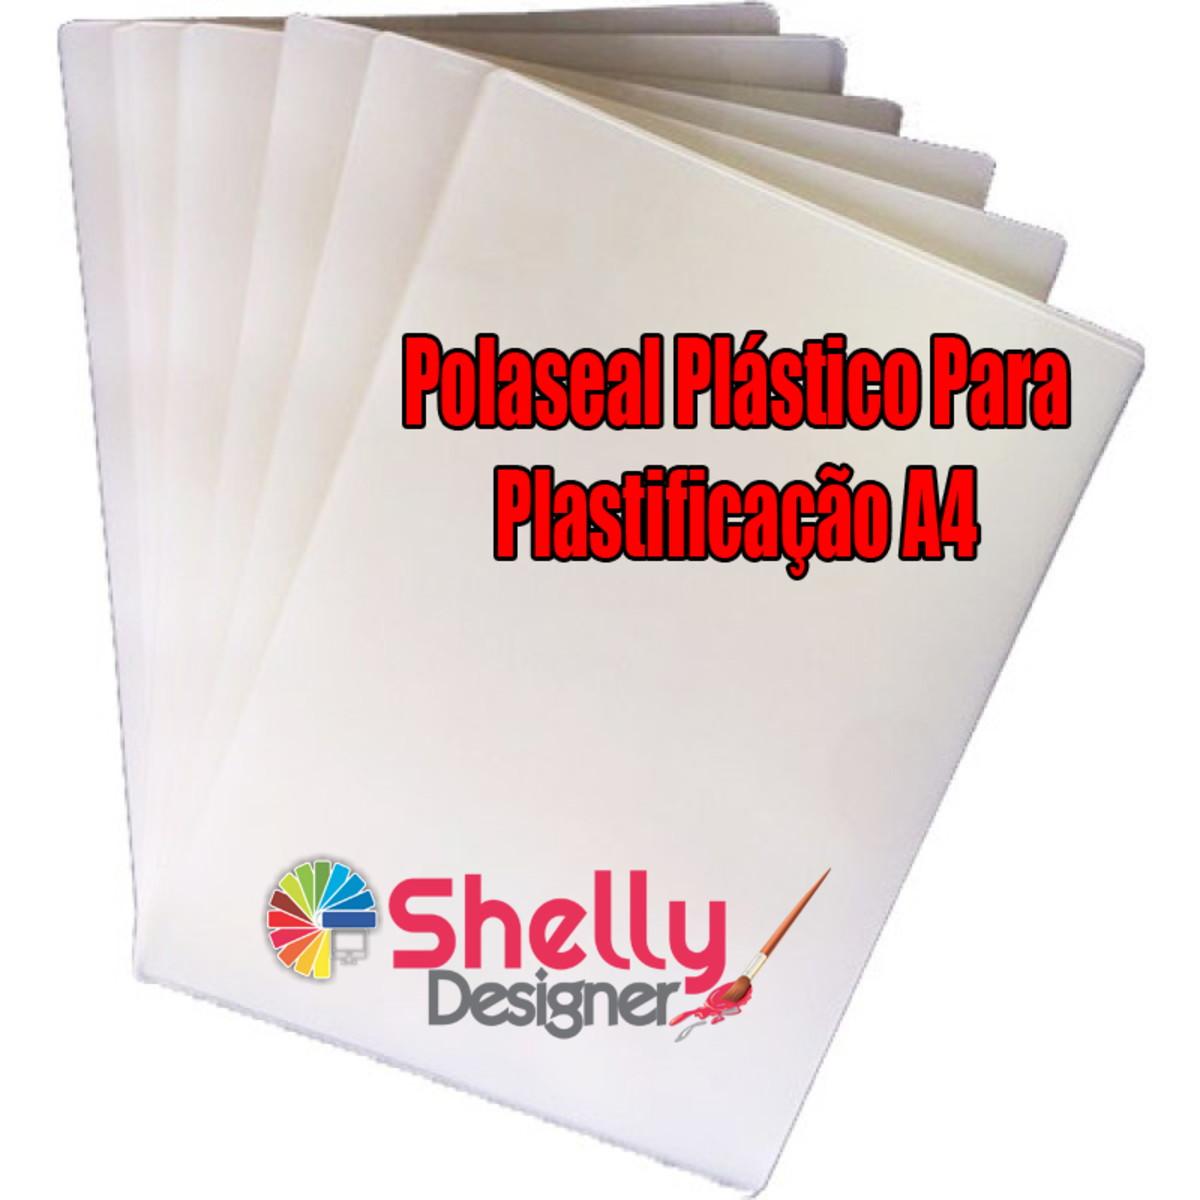 1fc3bc7e1 Polaseal Plástico Para Plastificação A4 20un no Elo7